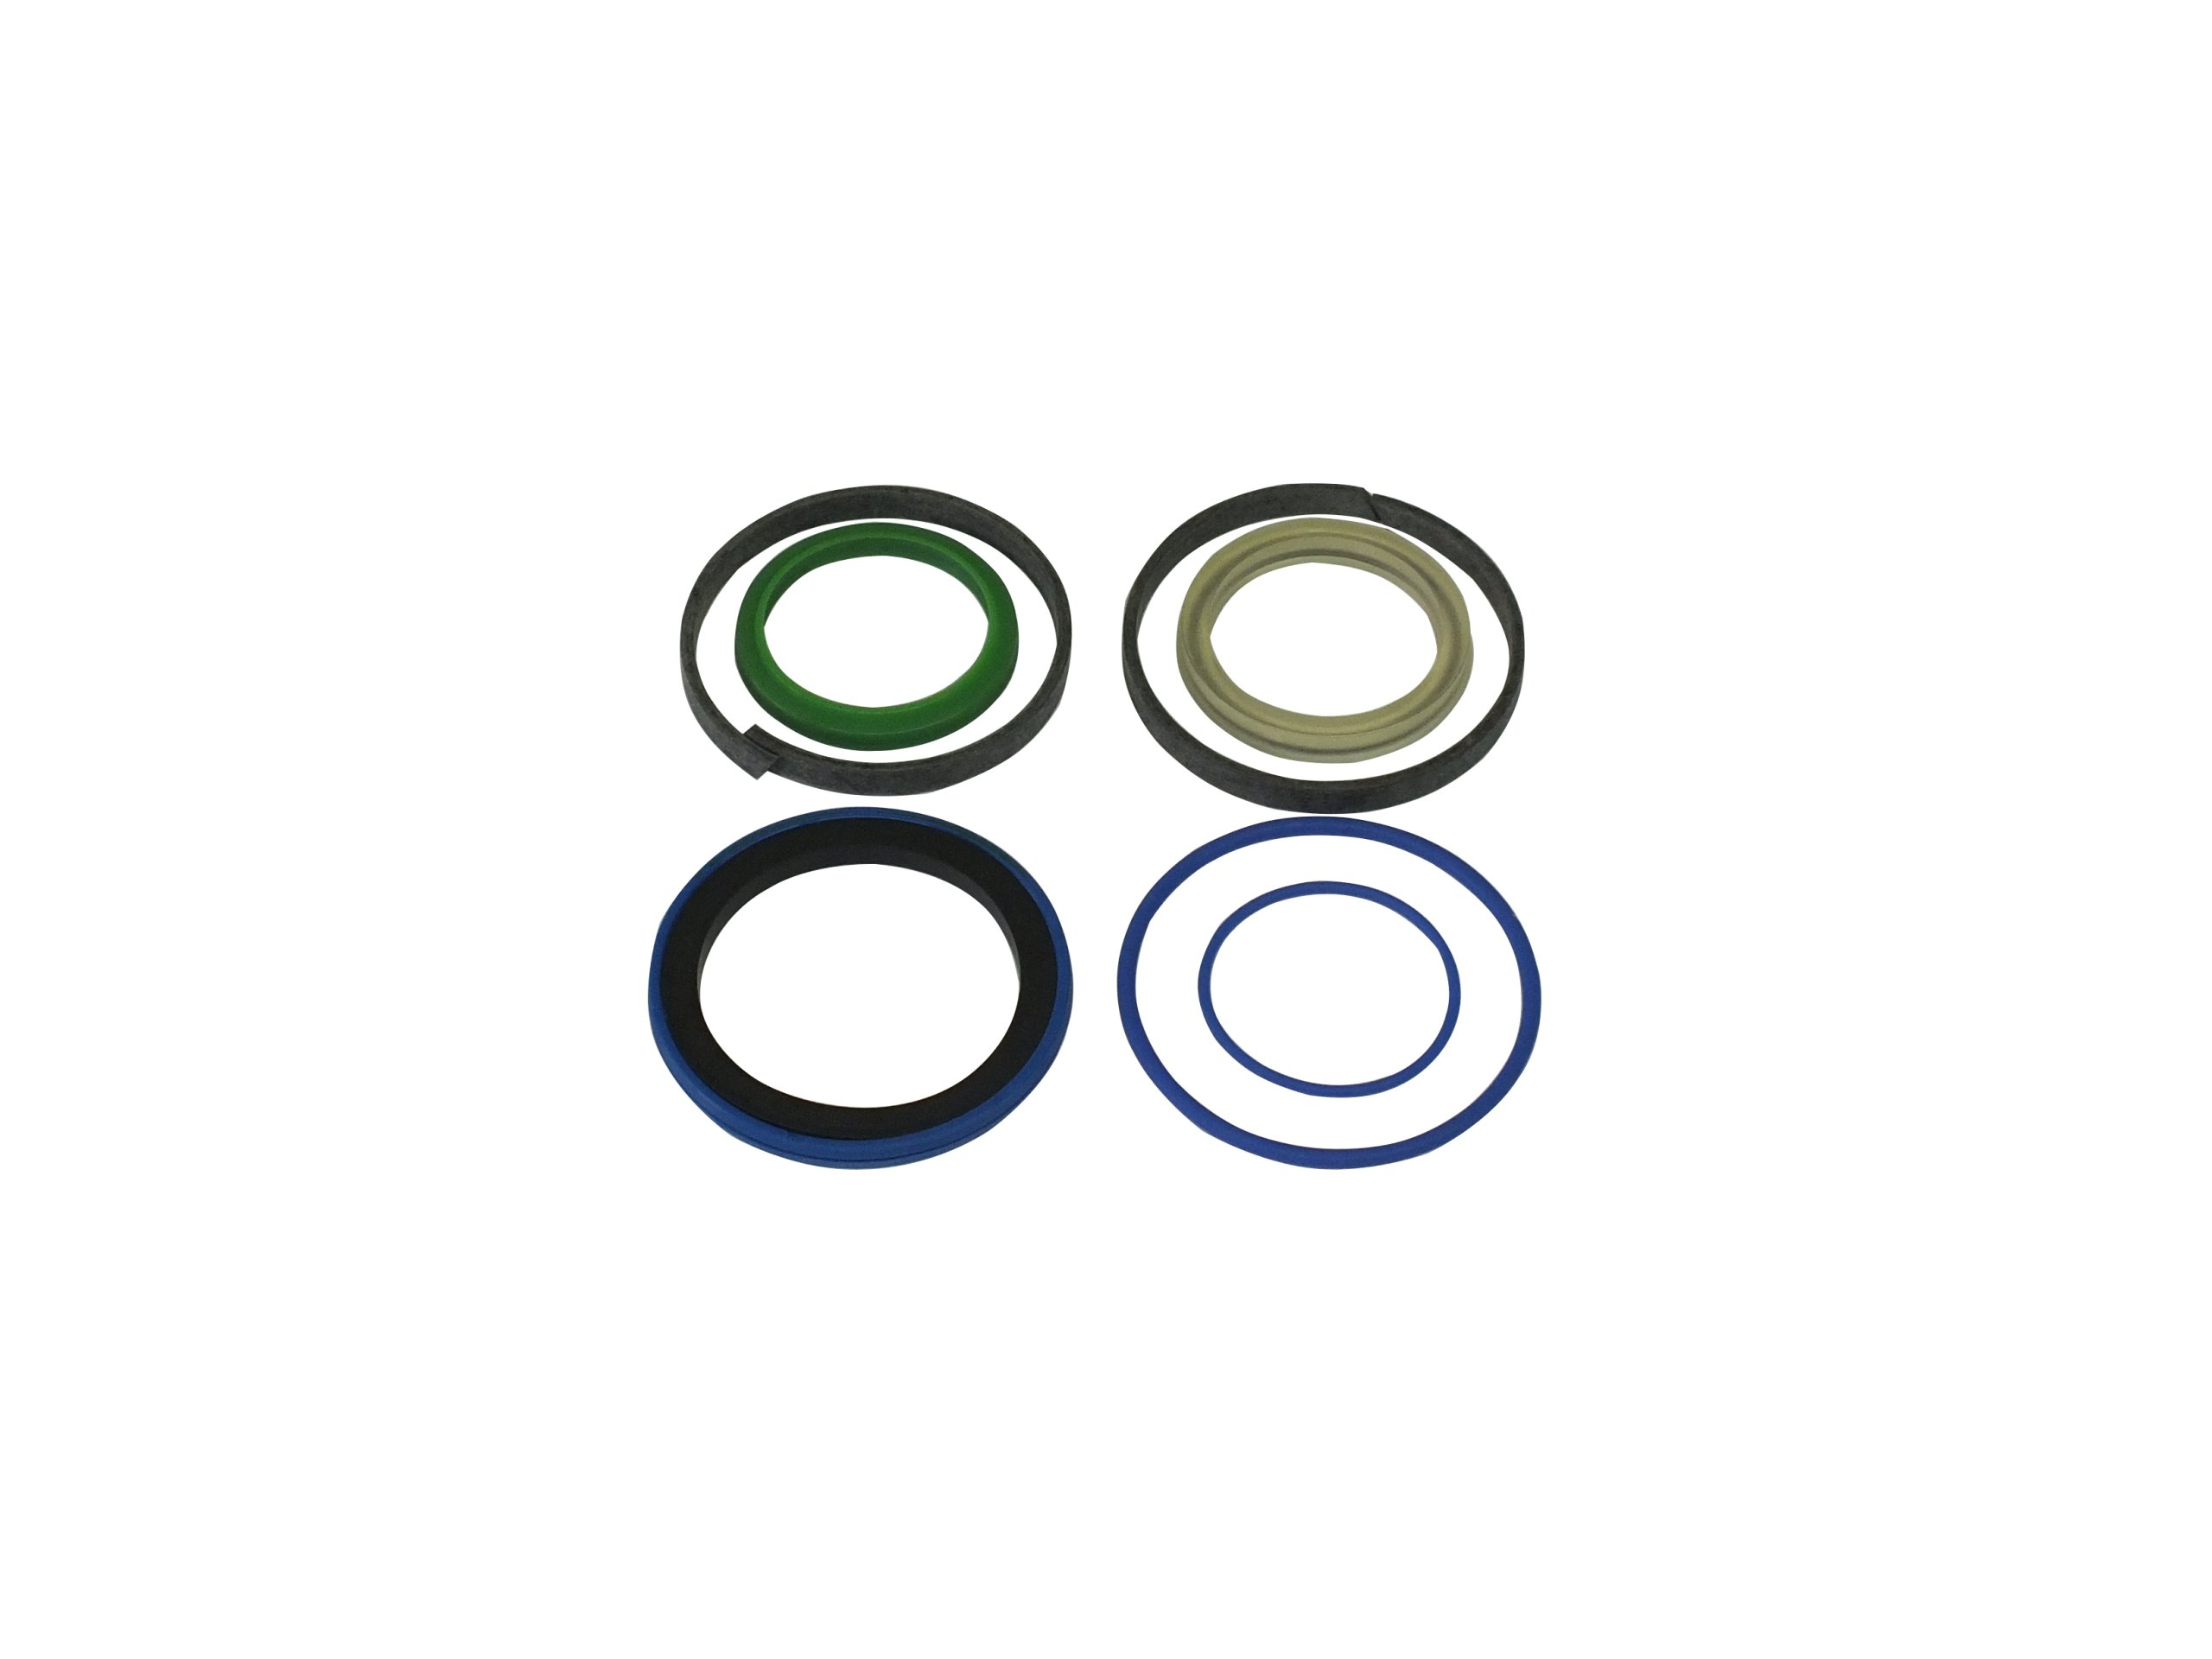 Комплект уплотнений гидроцилиндра JCB 3CX,4CX, 40x70